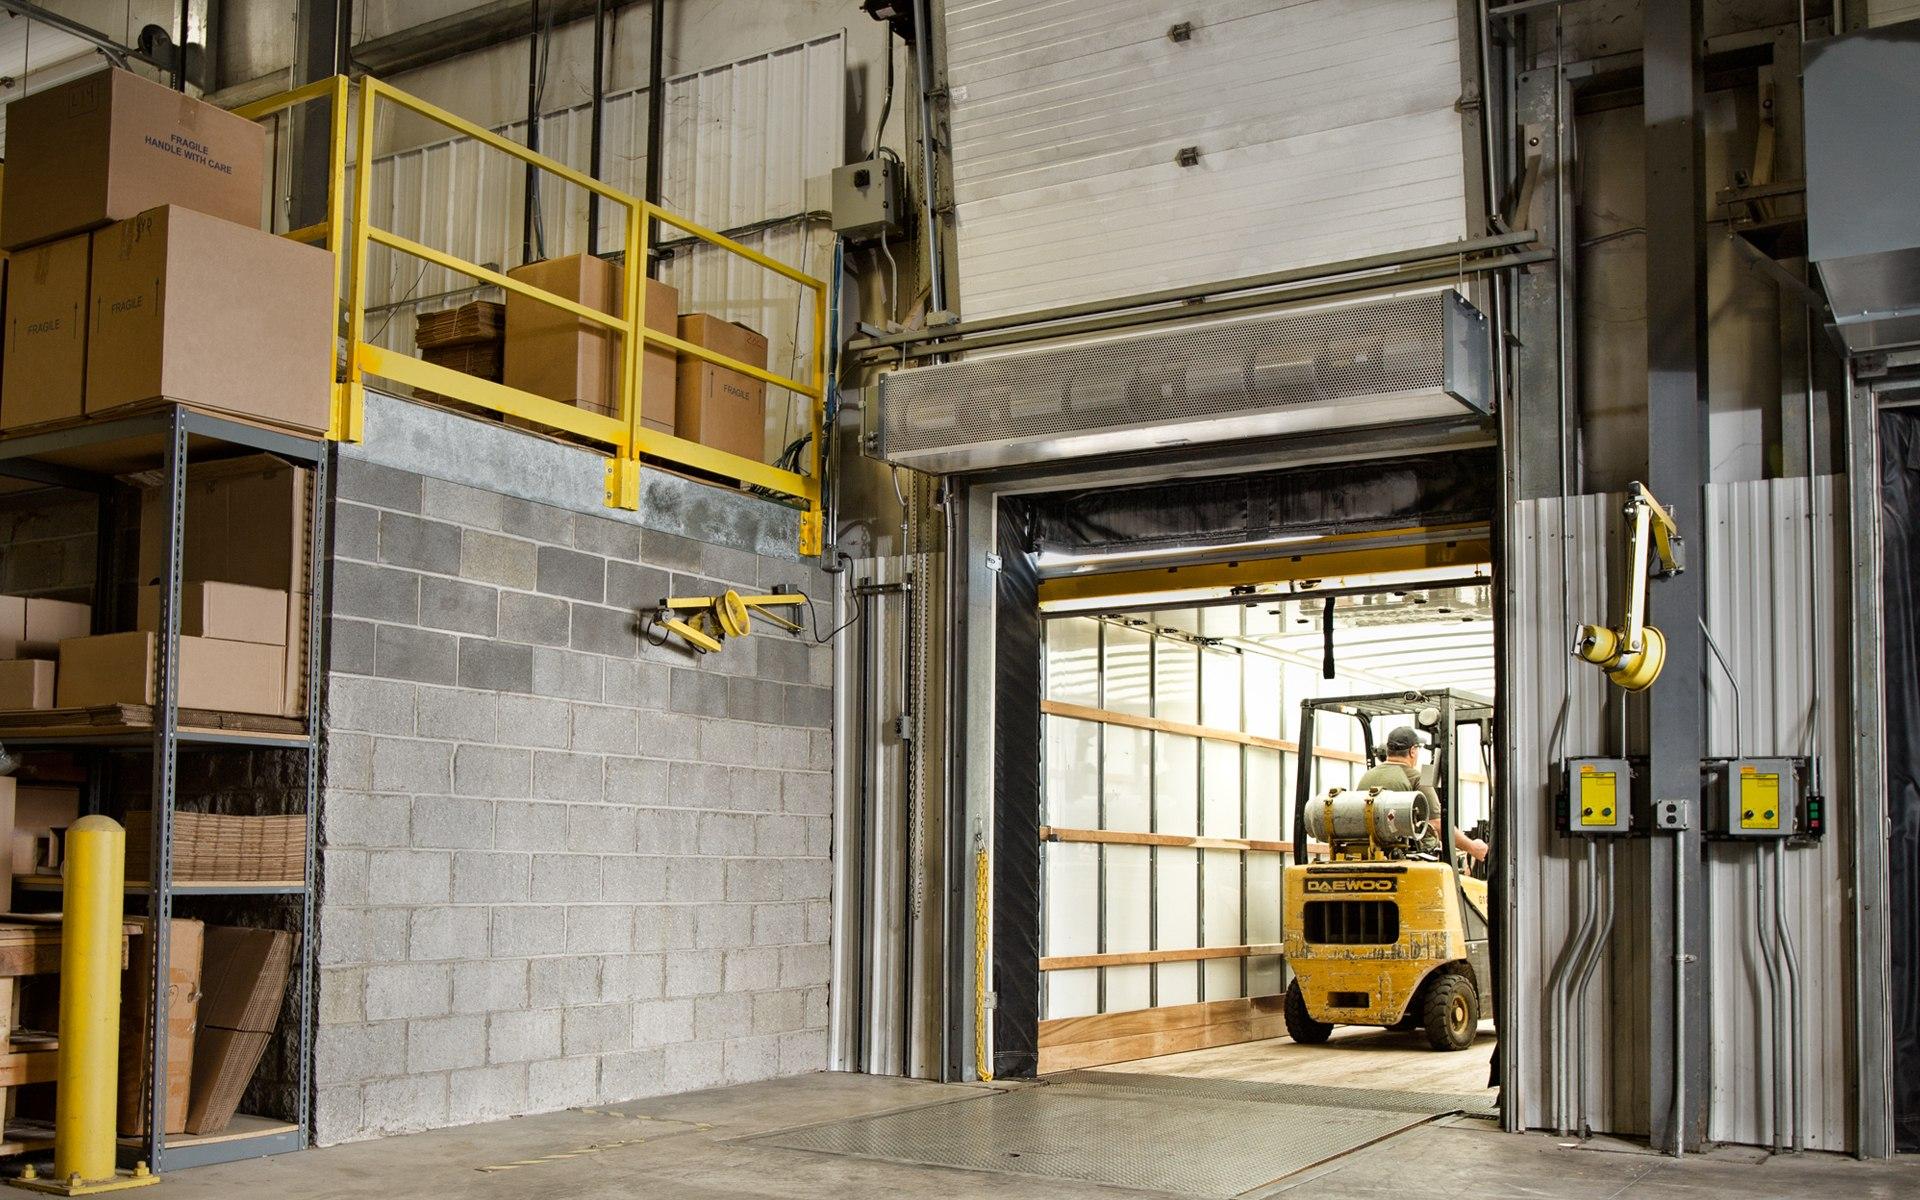 berner_manufacturers-warehouses_021.jpg